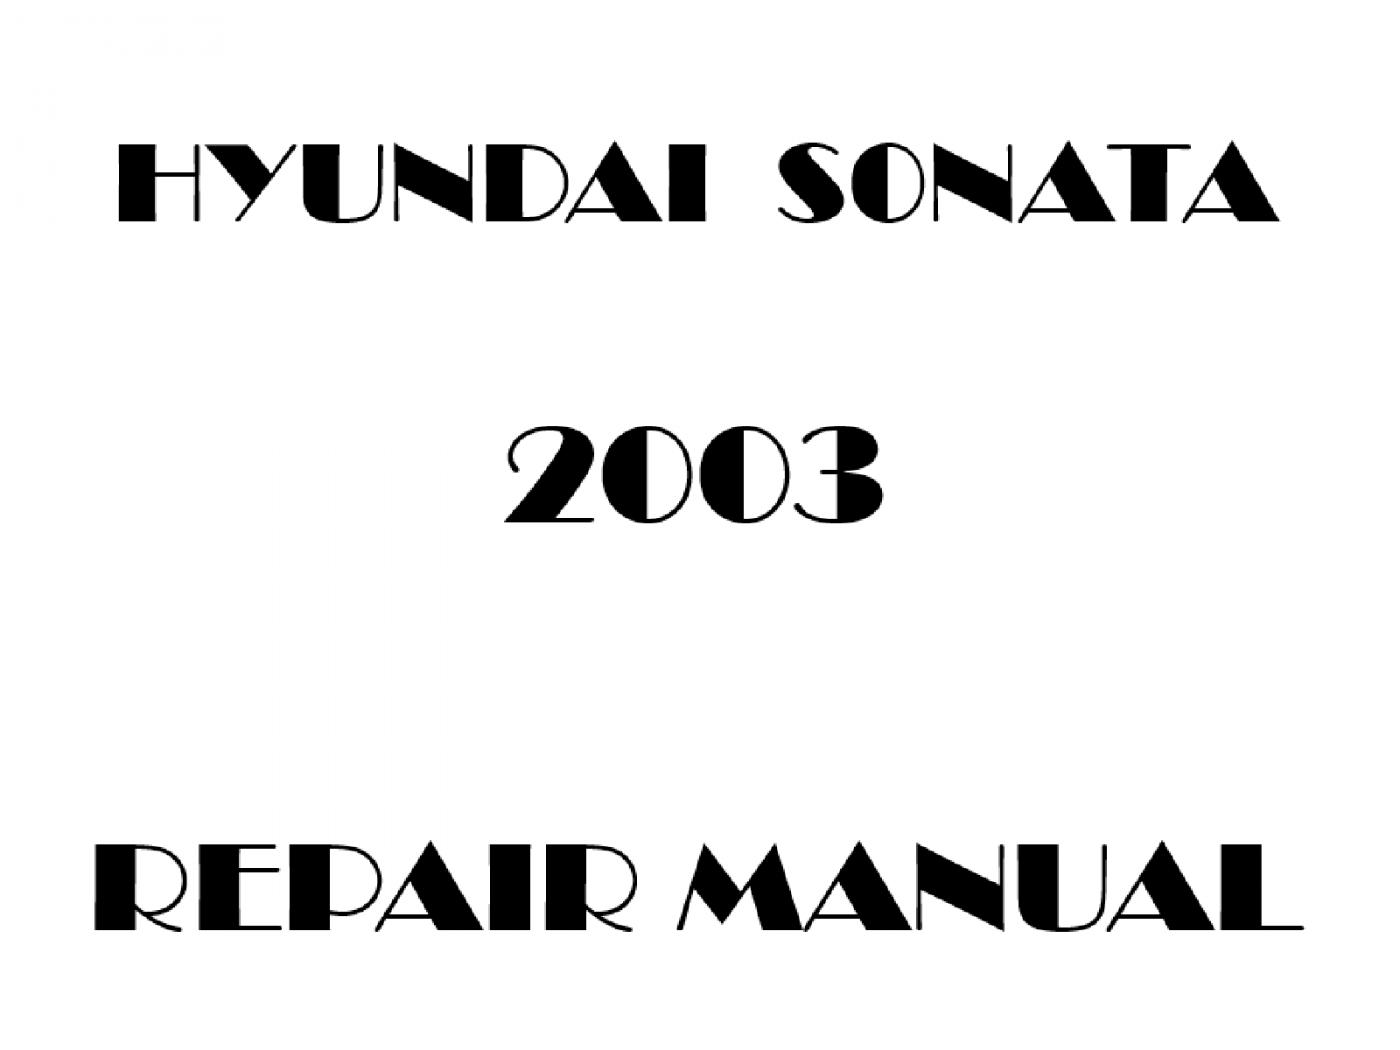 2003 Hyundai Sonata repair manual